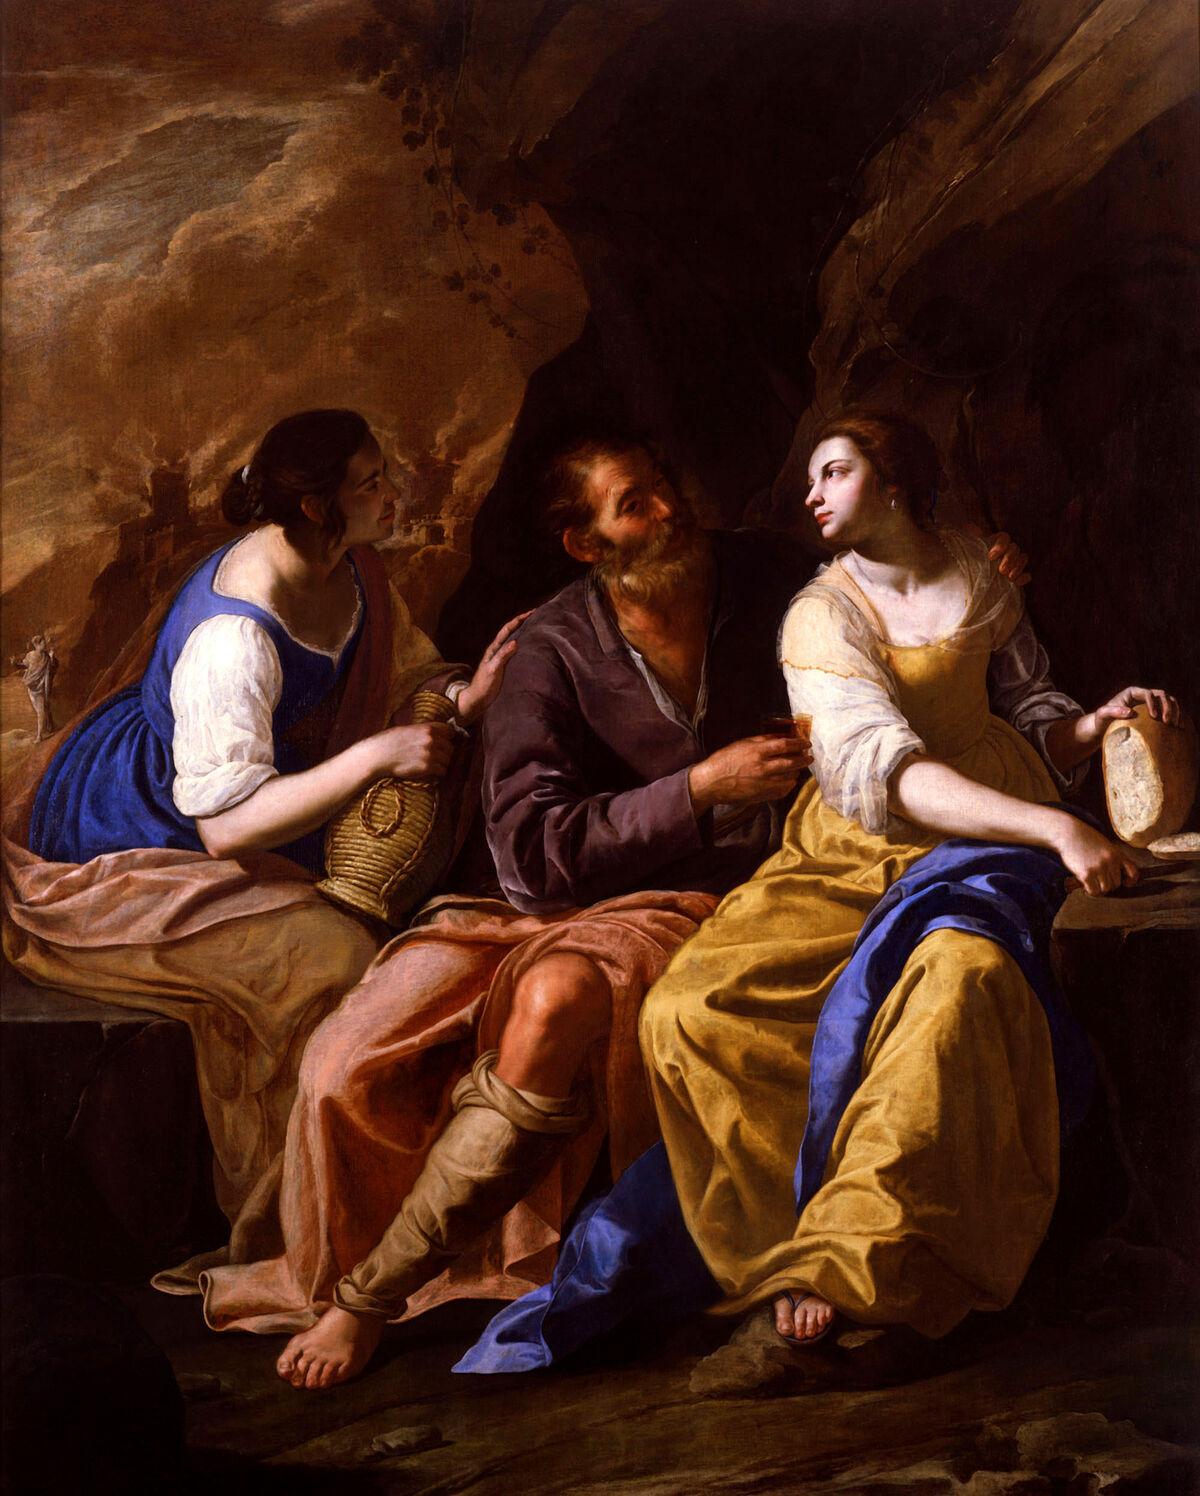 Artemisia Gentileschi, Lot and his Daughters, between 1635-1638. Photo via Wikimedia Commons.